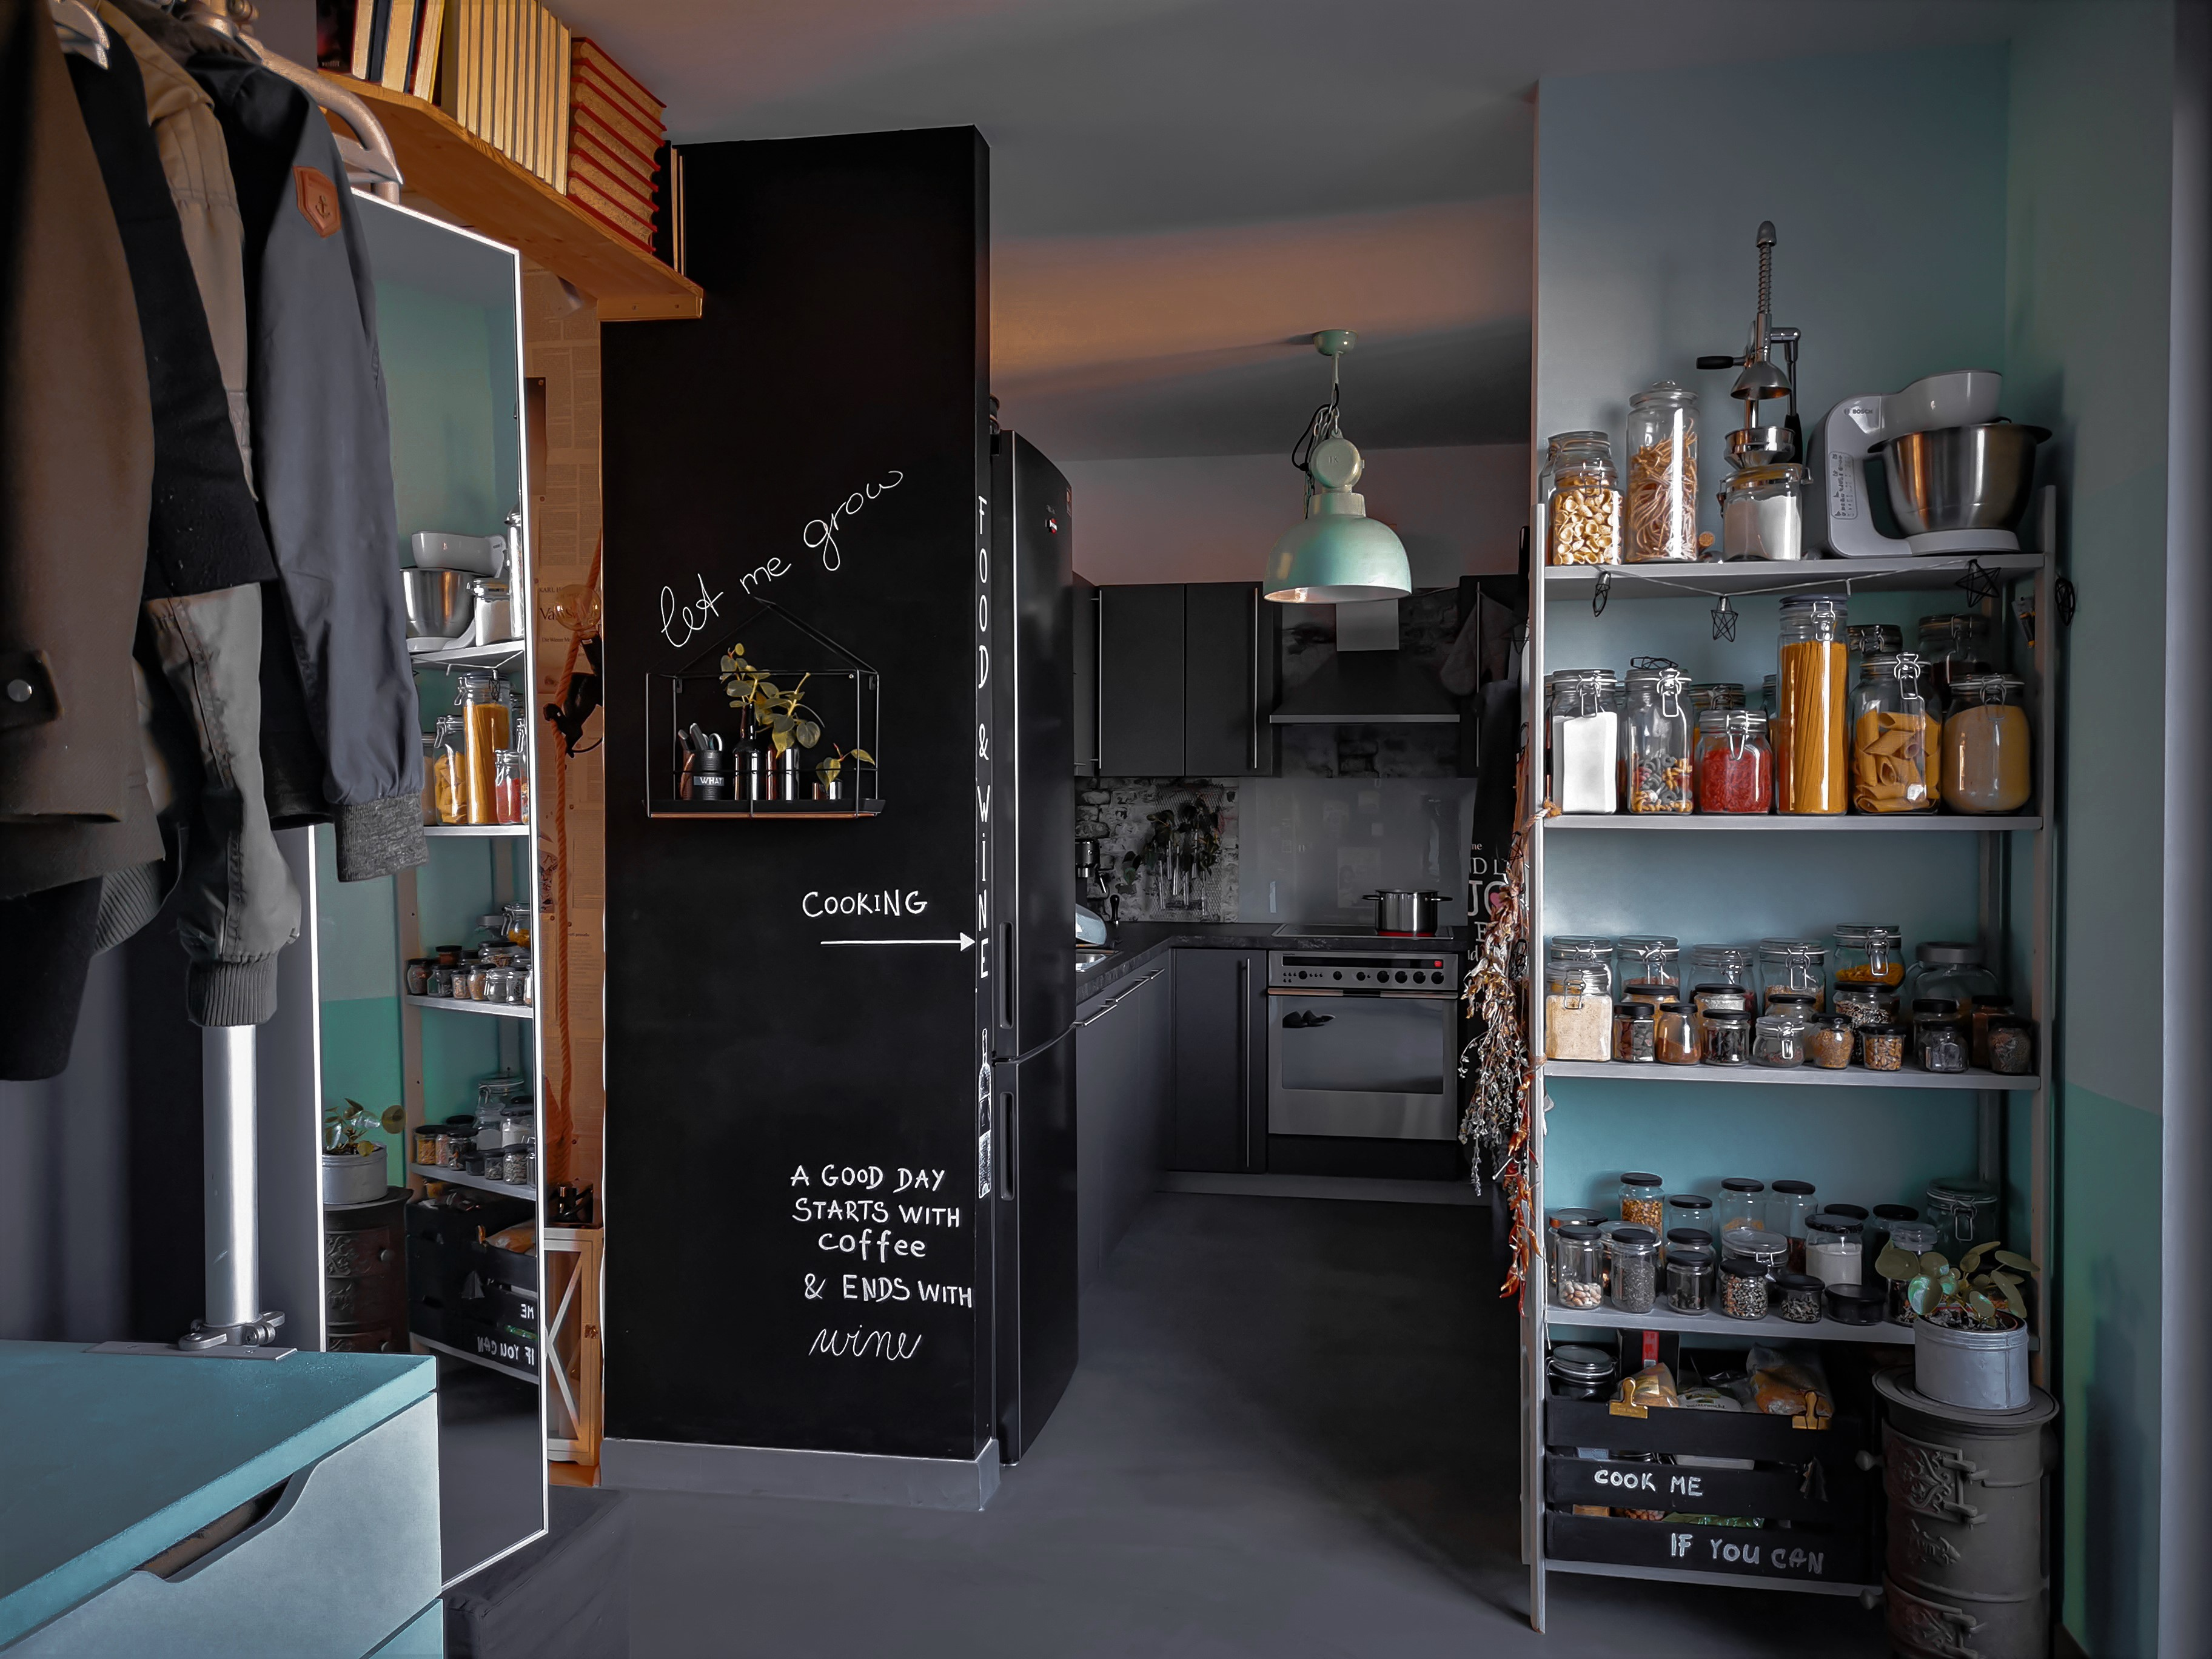 IMG 20200208 154539 - Projekt Vorzimmer: 11 DIY-Ideen an einem Ort